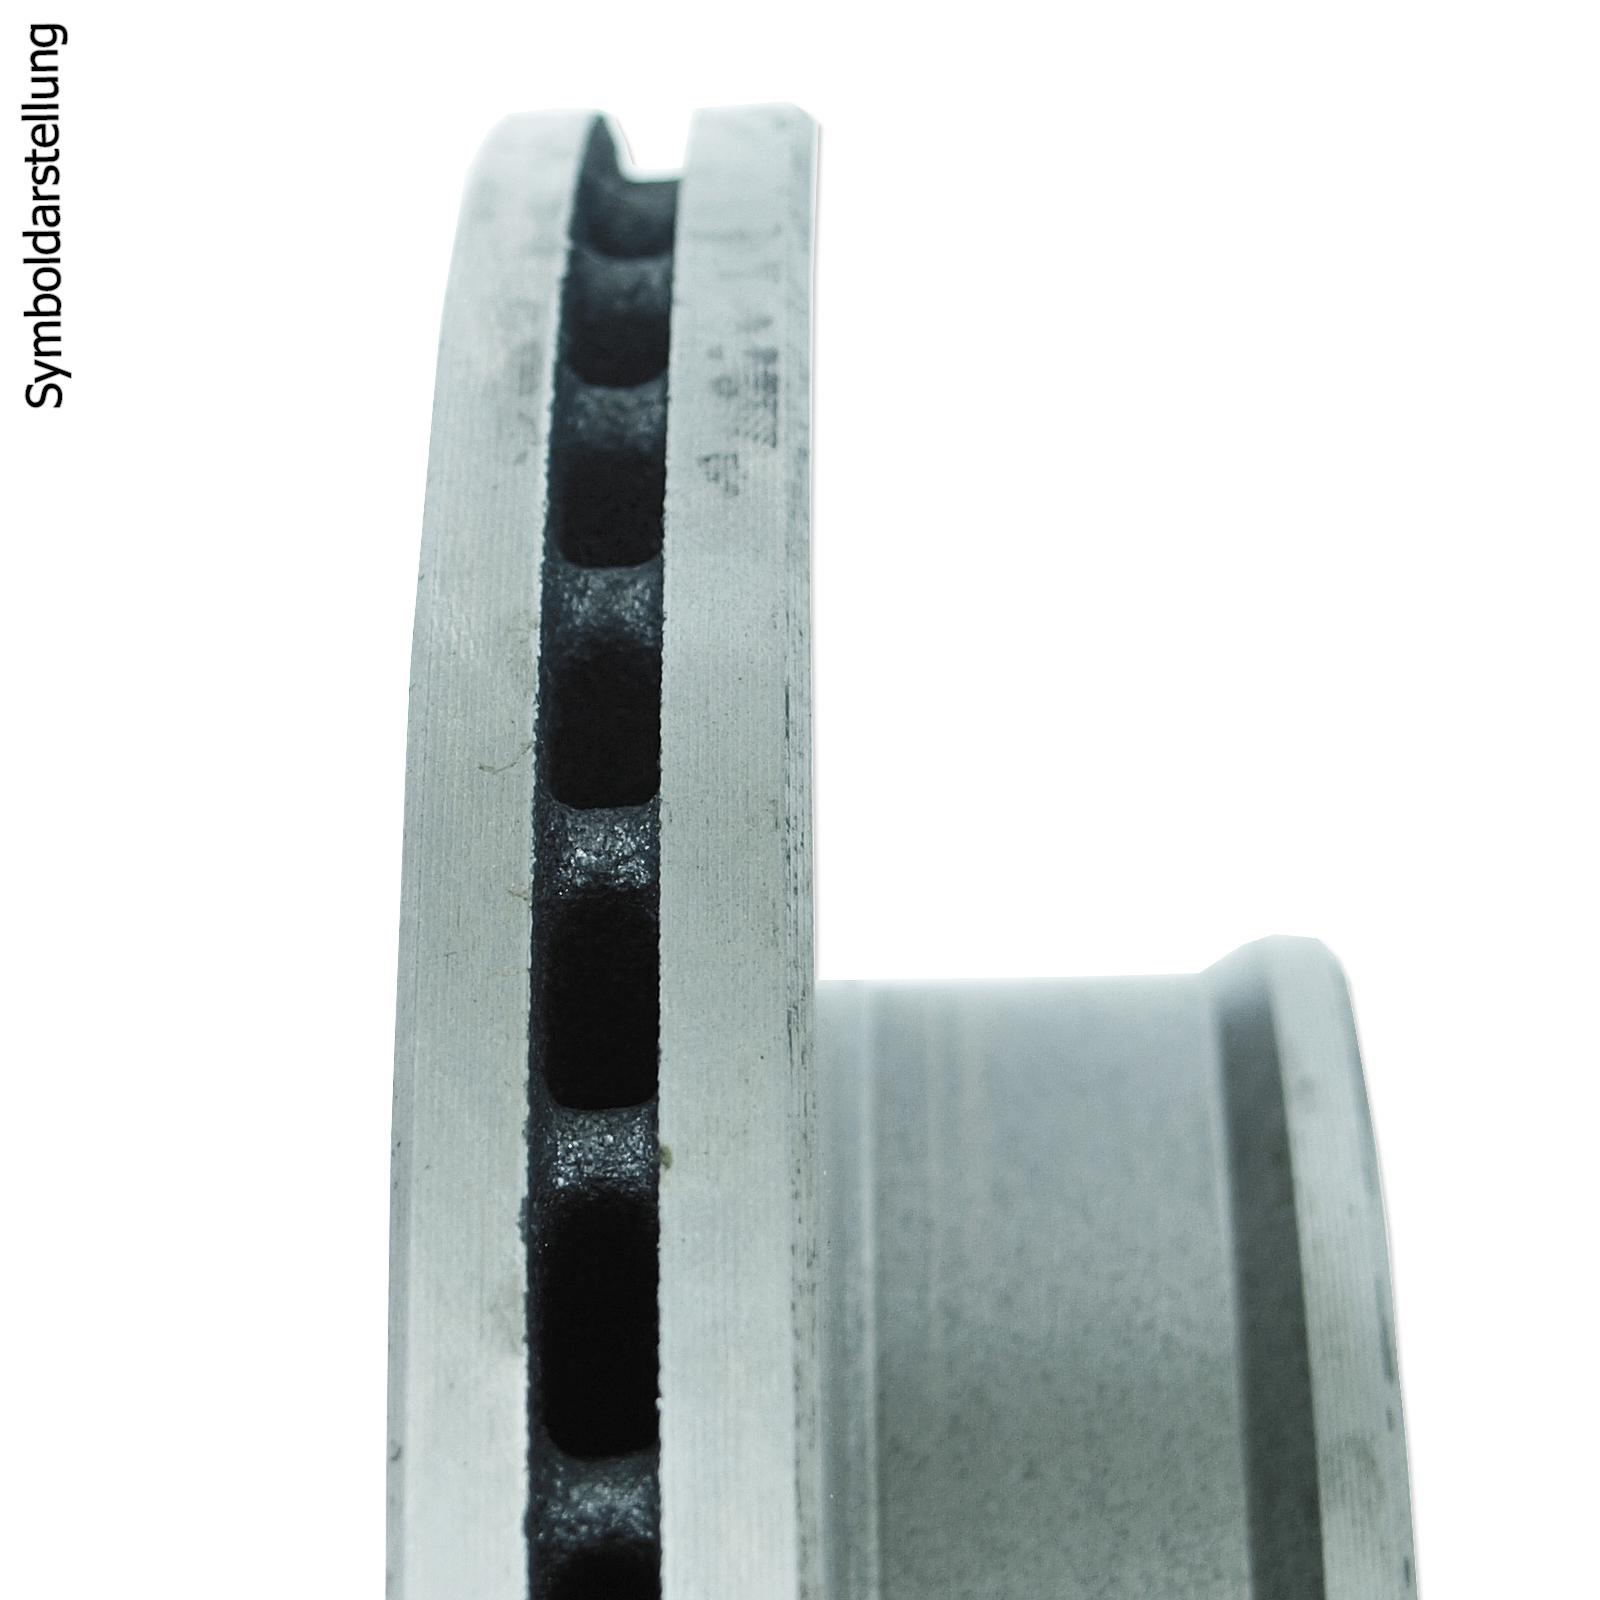 BREMSSCHEIBEN 266mm + BREMSBELÄGE